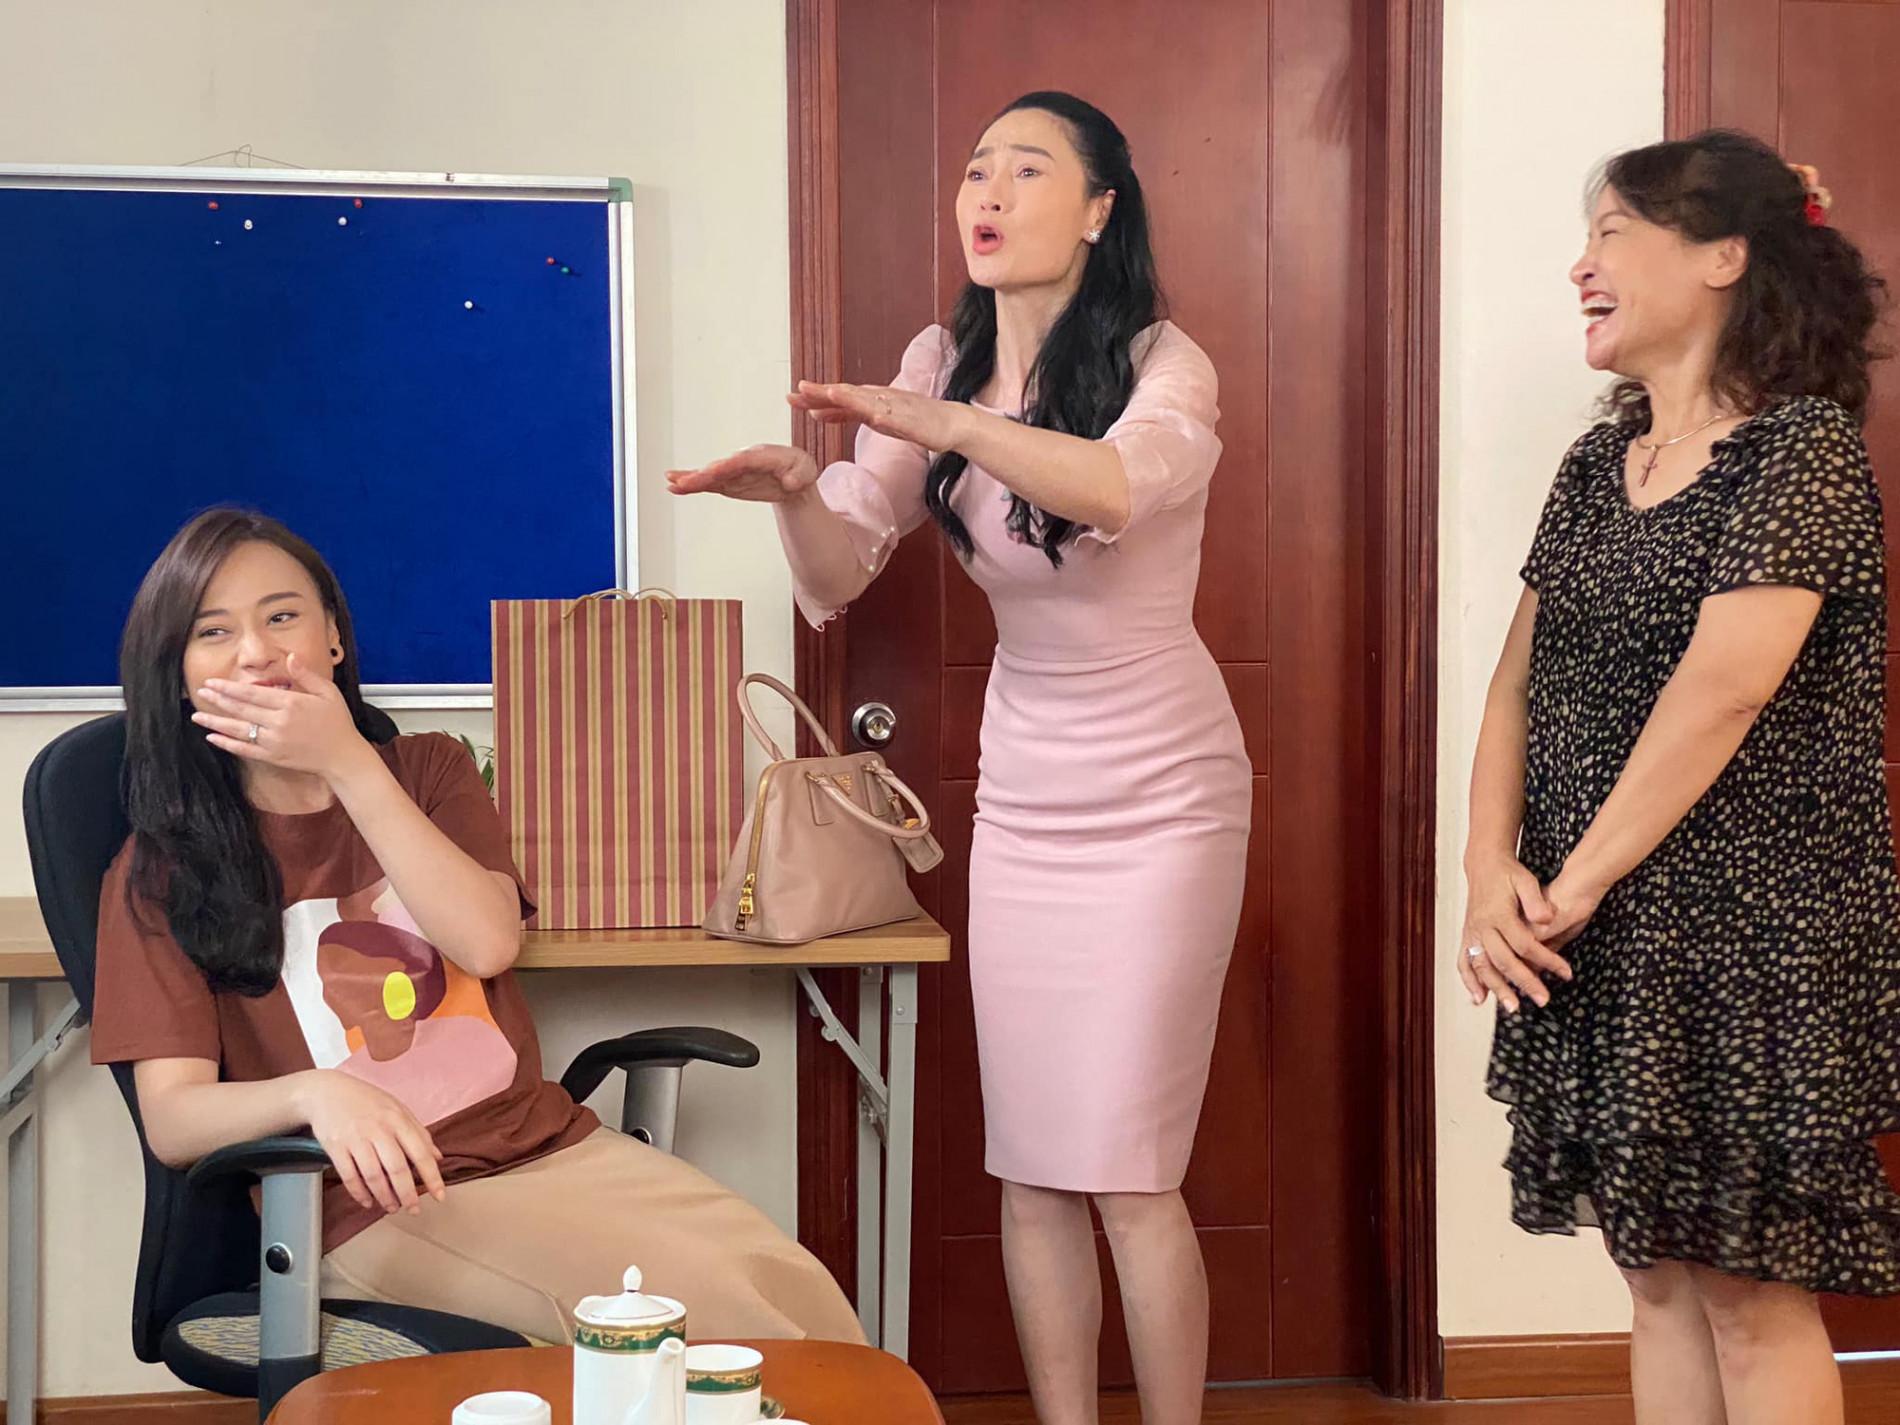 Hương vị tình thân: Lộ cảnh bà Xuân đến nhà cũ của Nam gặp ông Sinh - Ảnh 9.